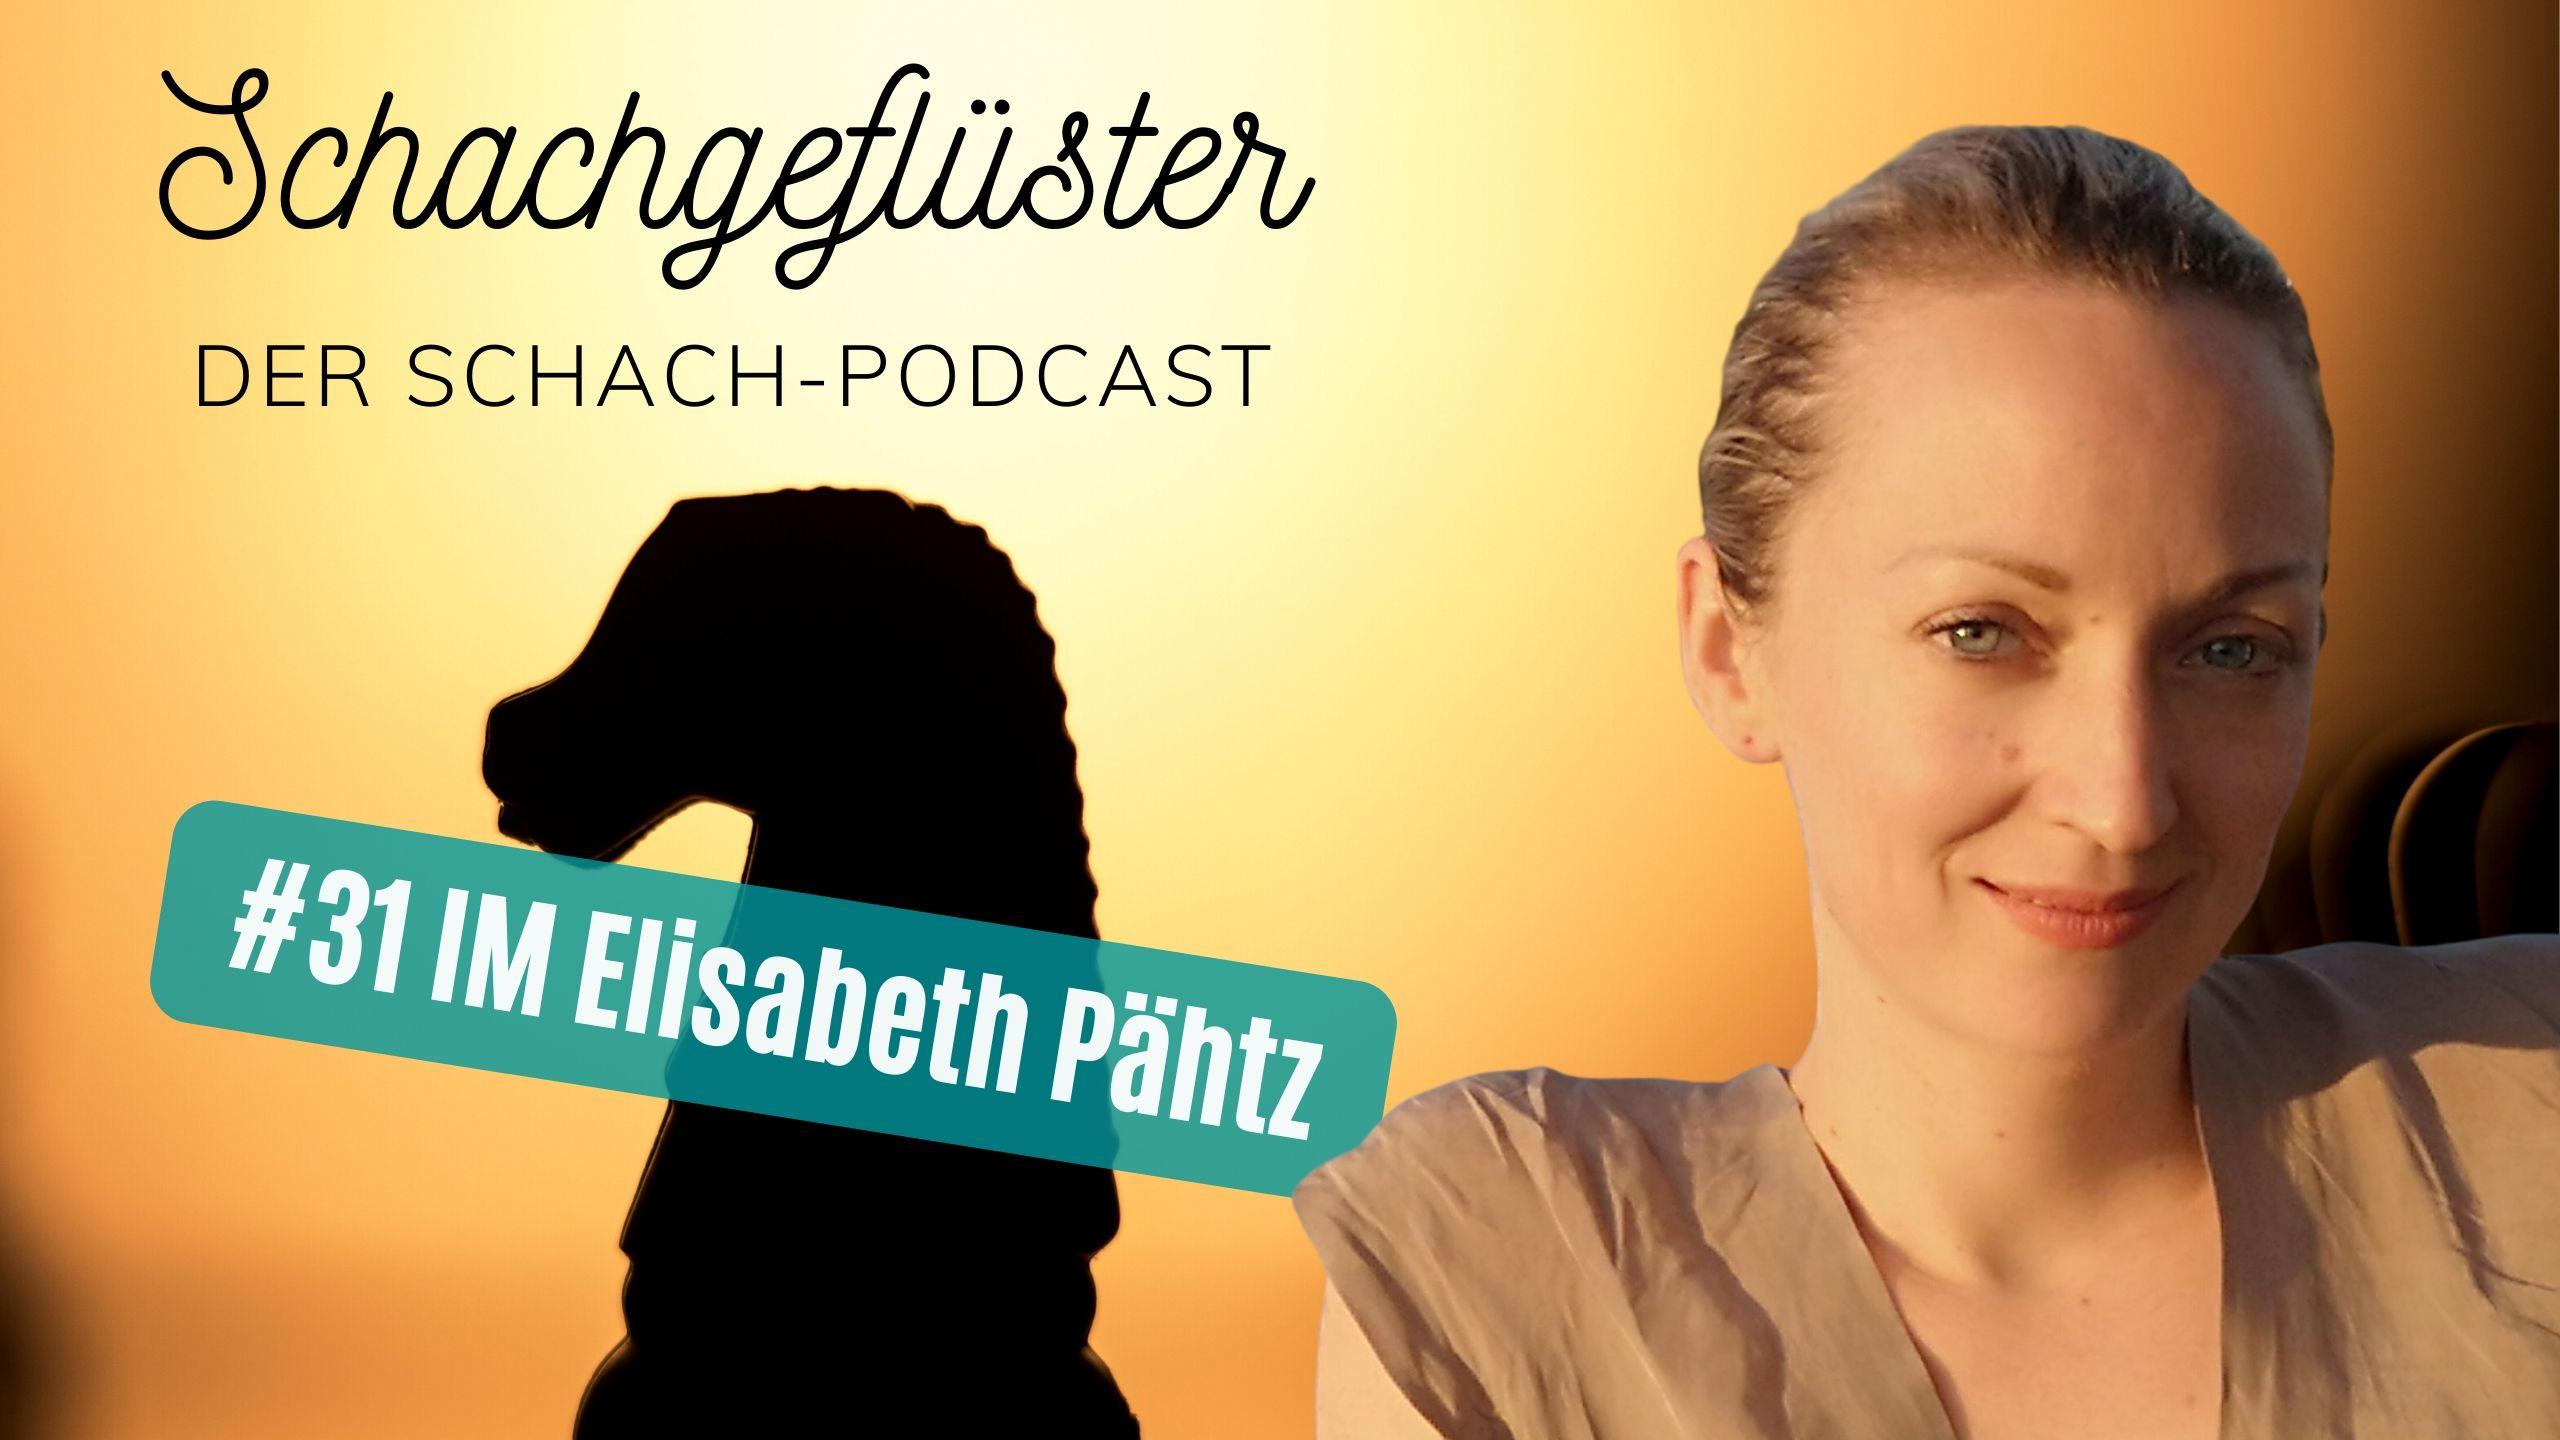 Elisabeth Pähtz